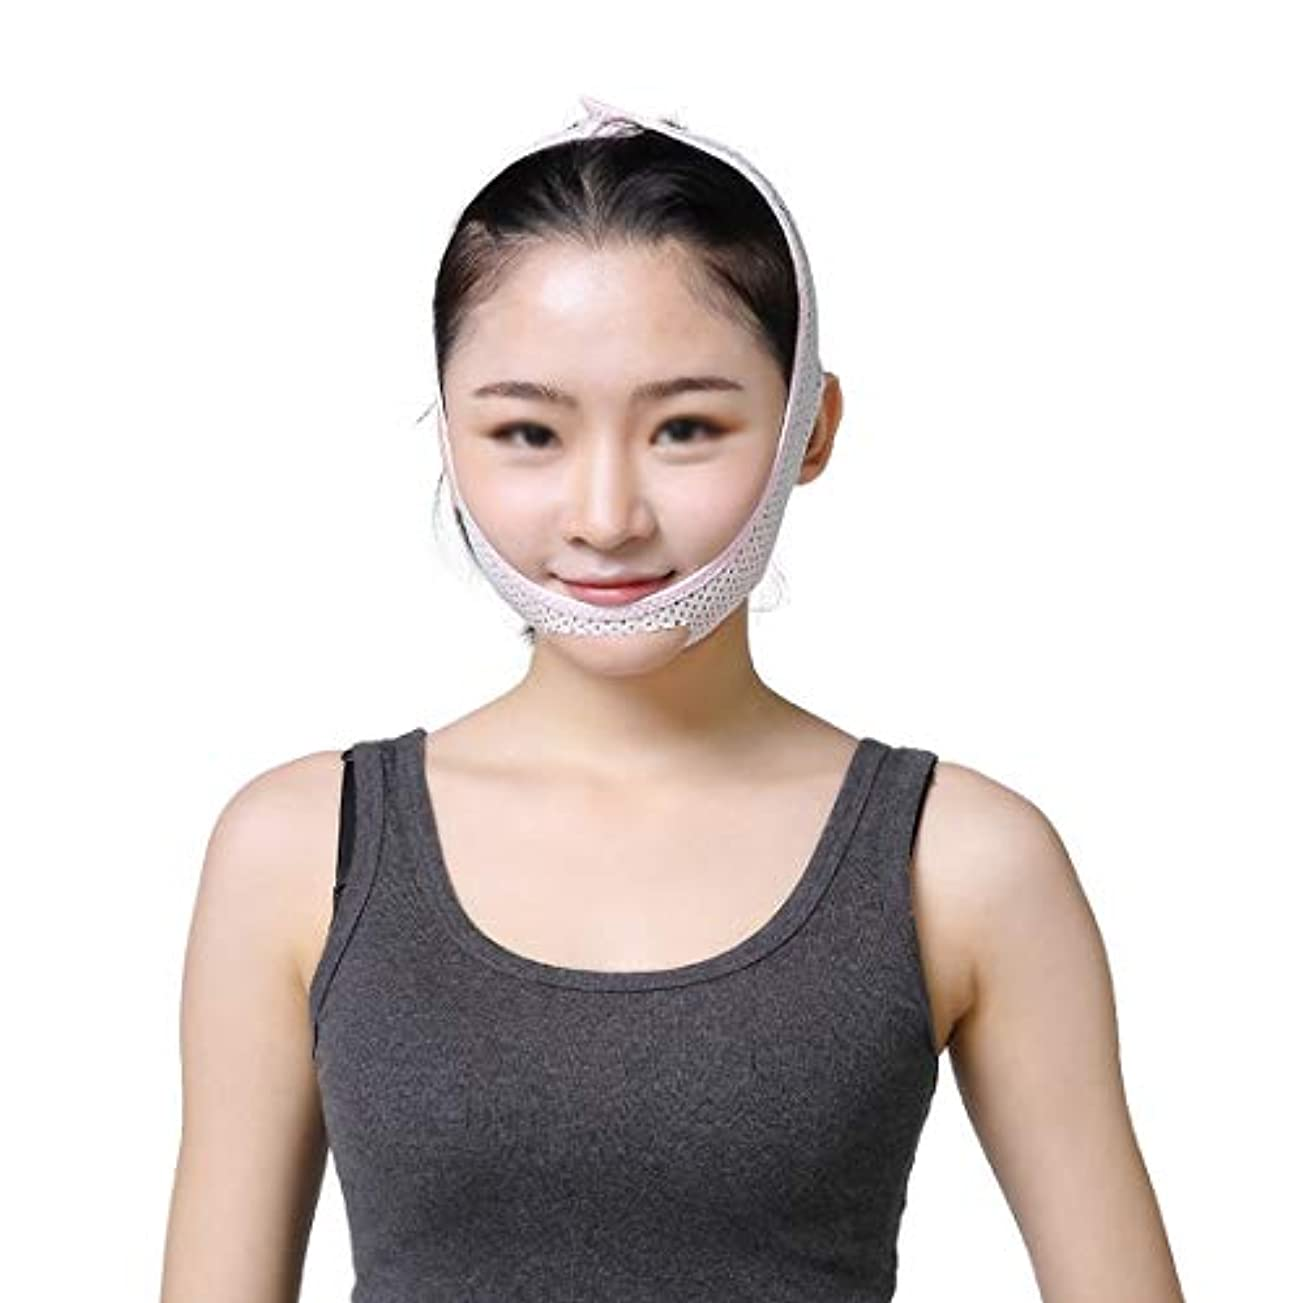 スポーツの試合を担当している人配管マーガレットミッチェルZWBD フェイスマスク, 薄い顔包帯美容機器持ち上がる引き締めダブルチン判決V顔の引き締め痩身包帯引き締めフェイシャルマッサージ (Size : L)